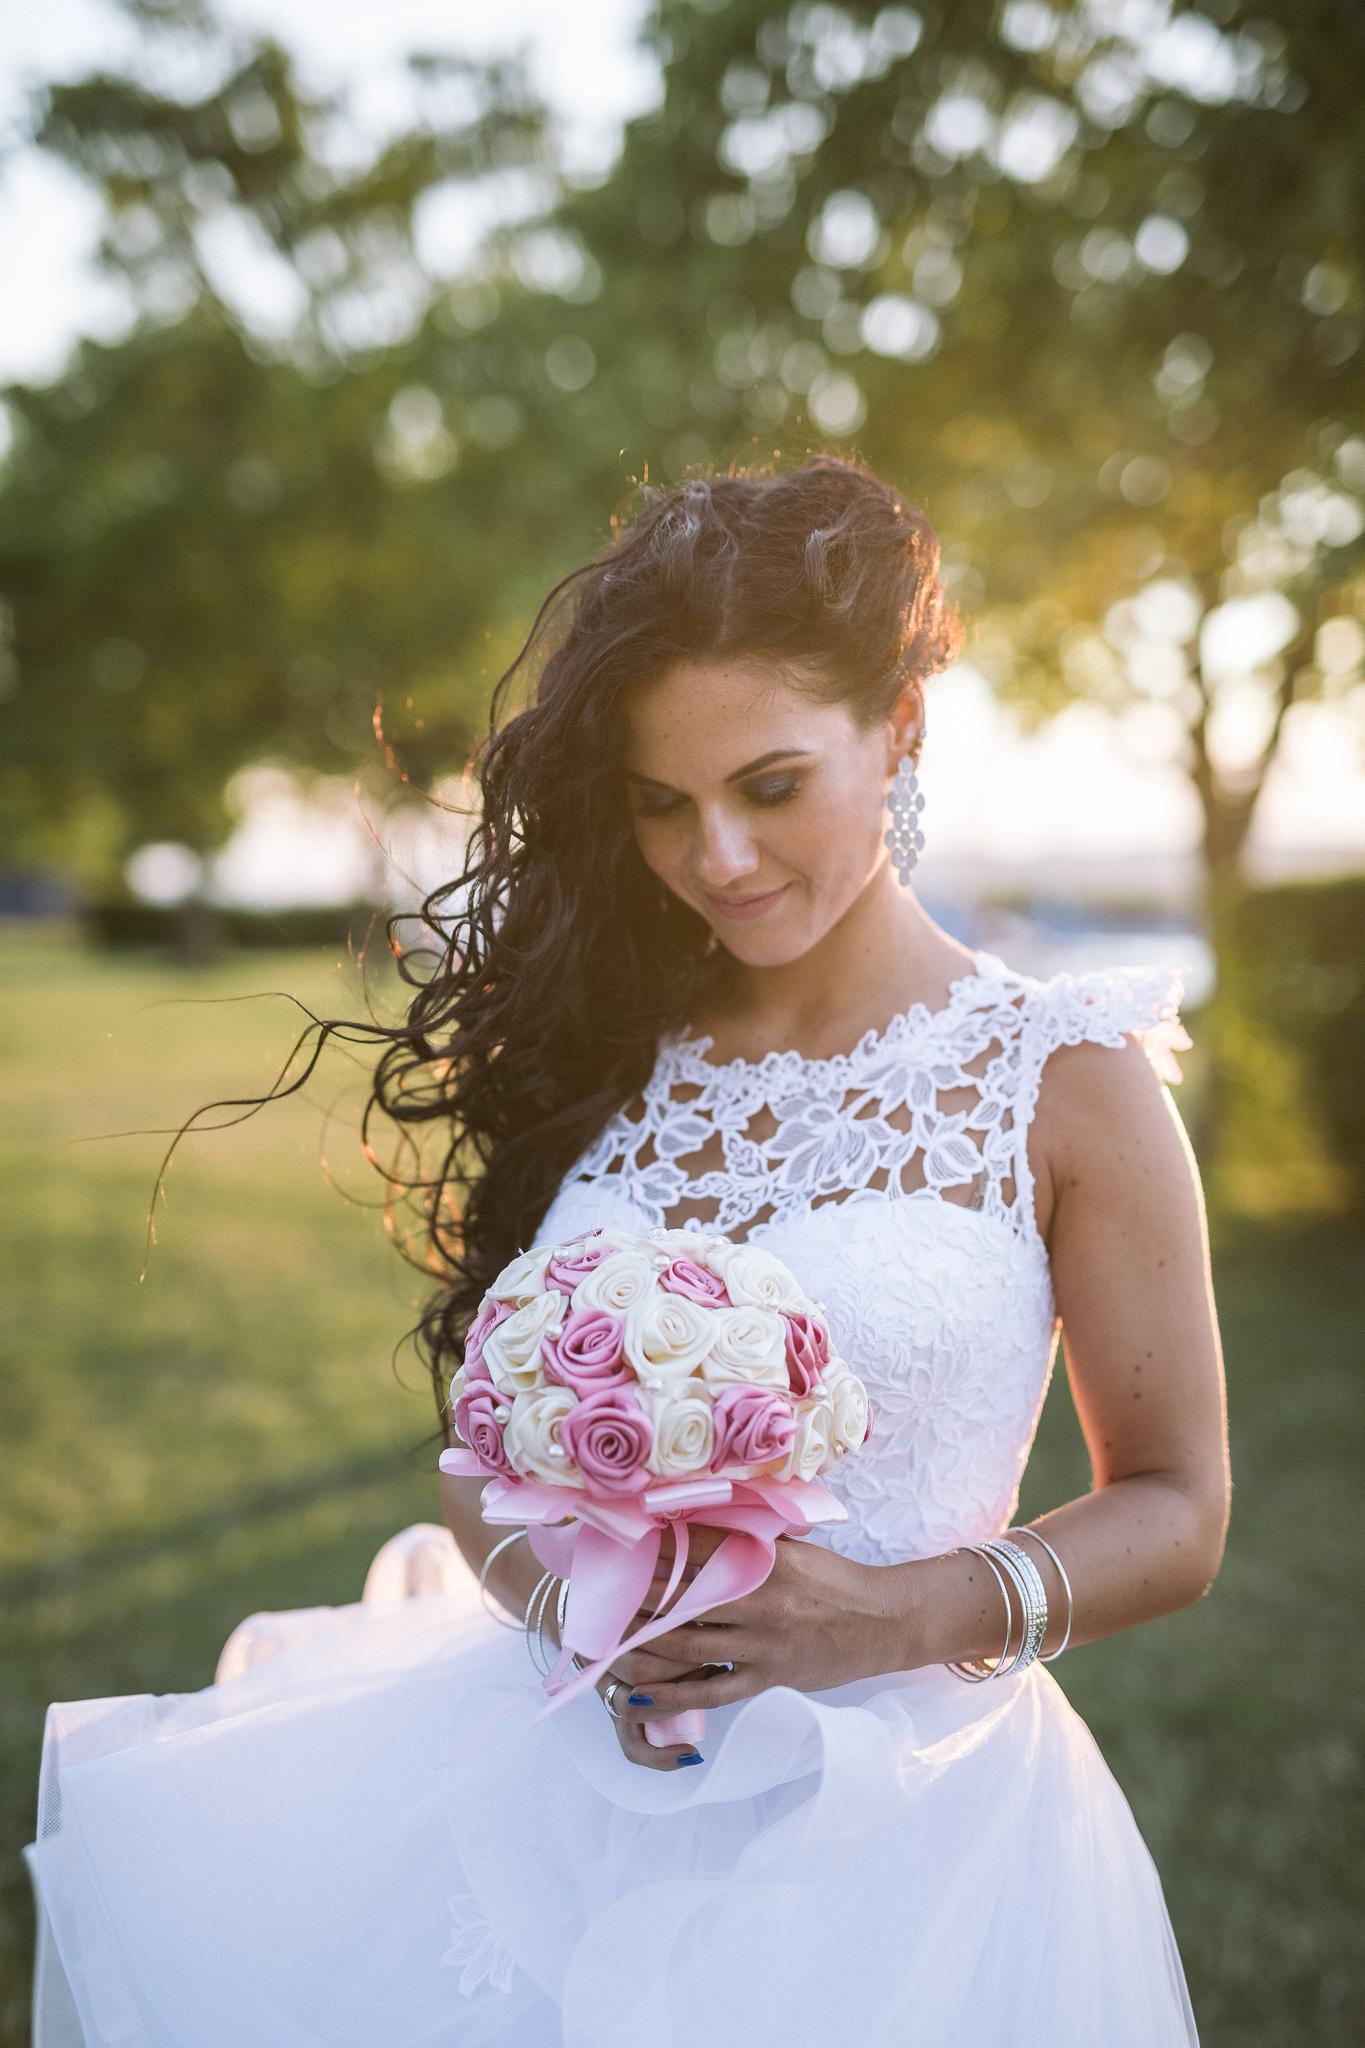 FylepPhoto, esküvőfotózás, magyarország, esküvői fotós, vasmegye, prémium, jegyesfotózás, Fülöp Péter, körmend, kreatív 3.jpg